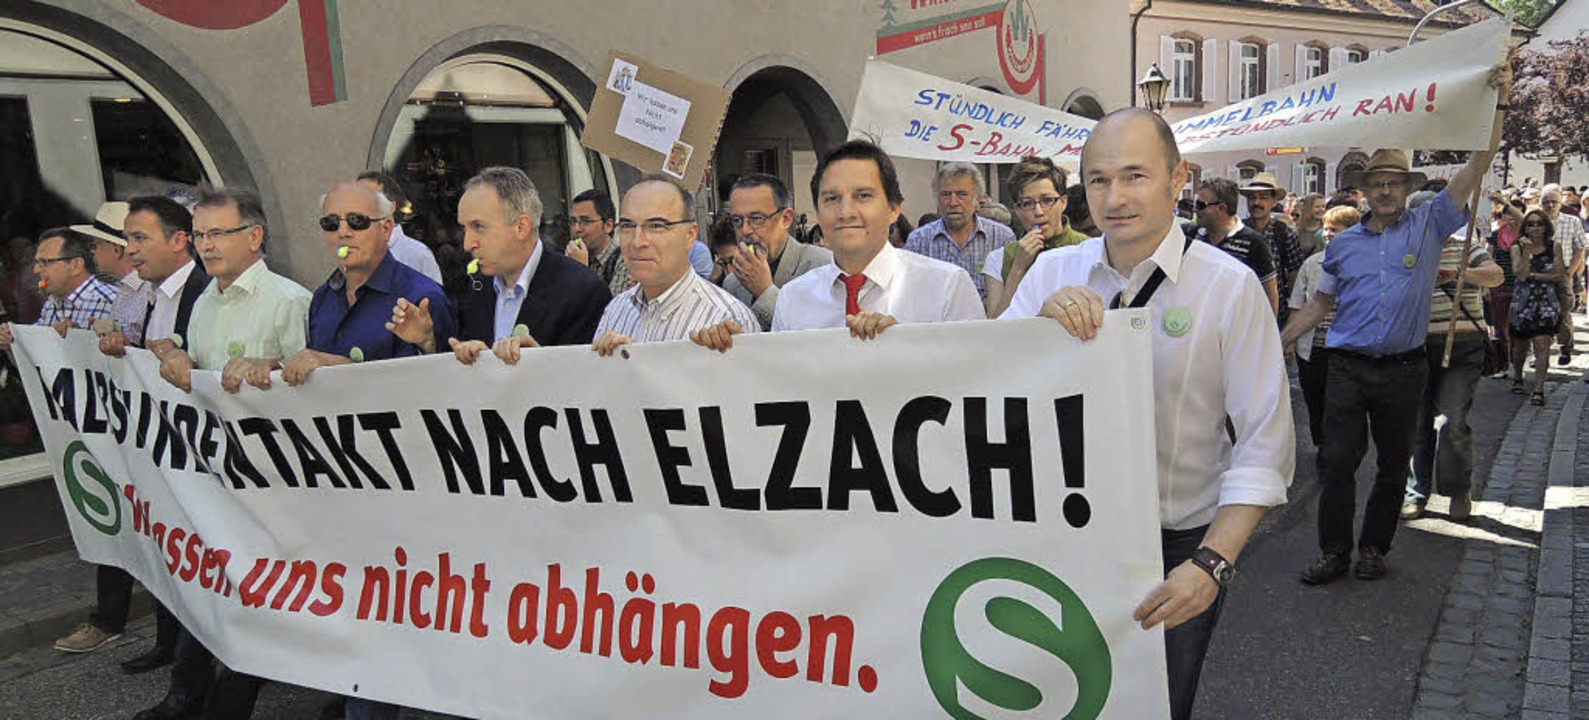 Solidarität mit der Forderung nach Ein...h viele Kommunal- und Landespolitiker.  | Foto: Kurt Meier